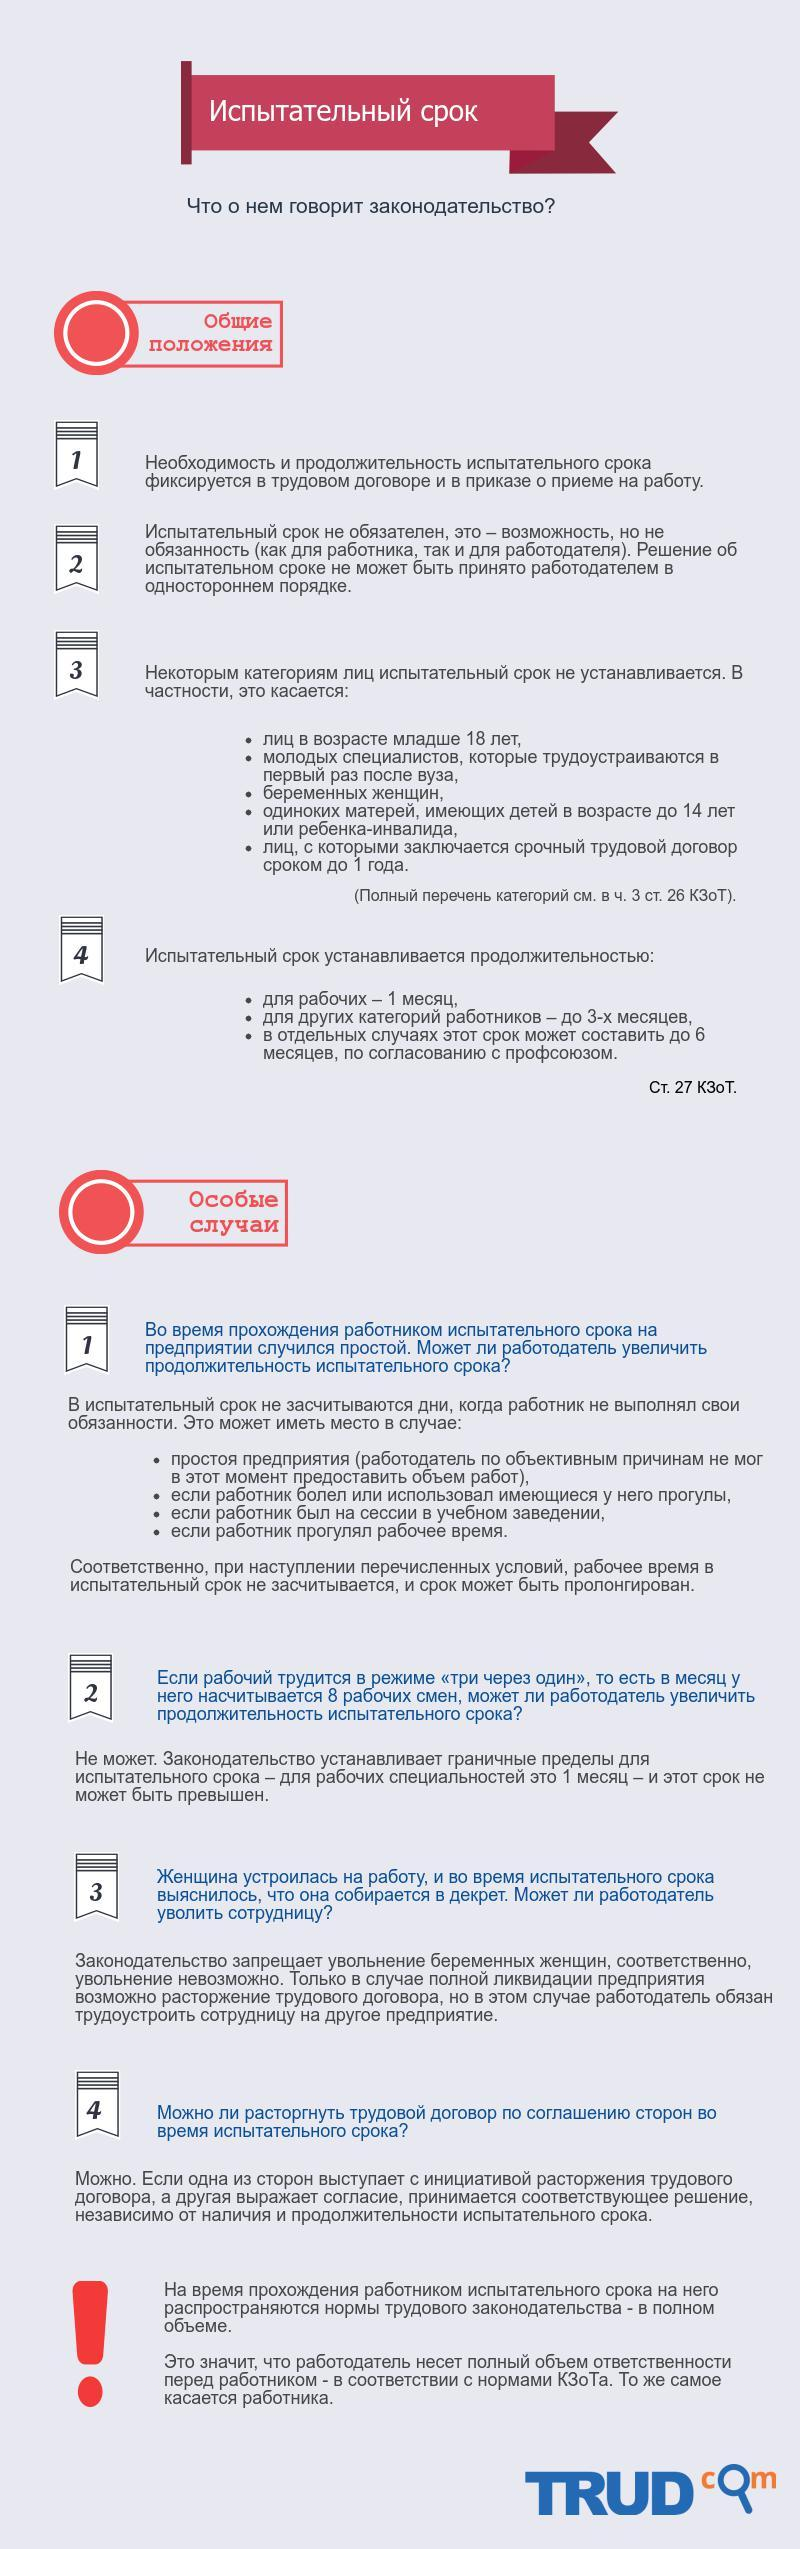 """Инфографика на тему """"Испытательный срок: что о нем говорит законодательство"""""""